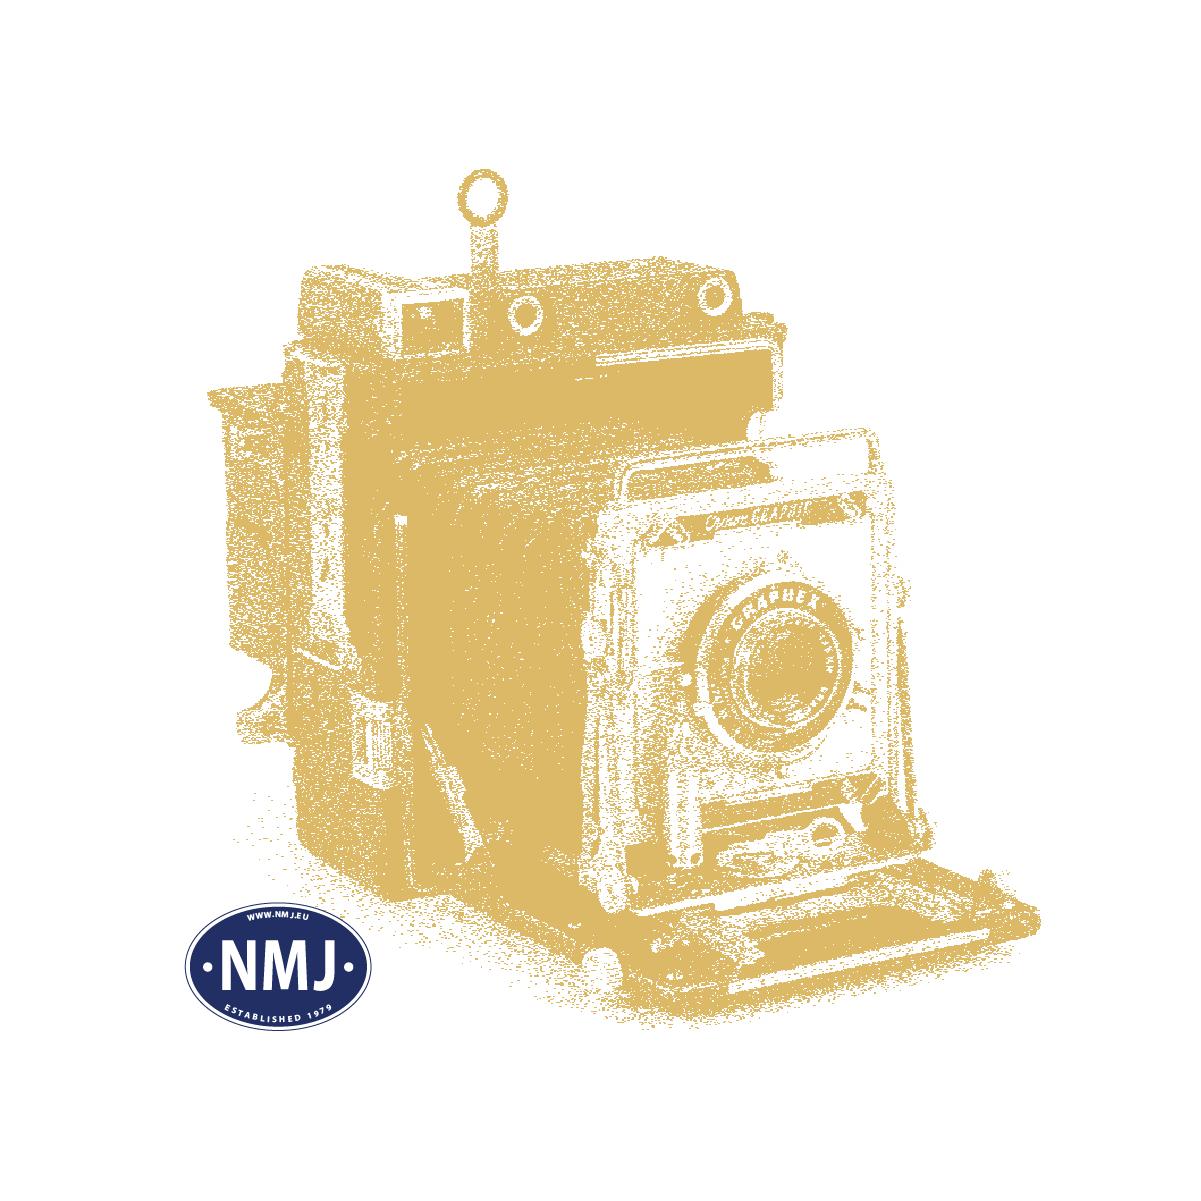 MIN760-22S - Rapsåker, Sommer, 31,5 x 25 cm